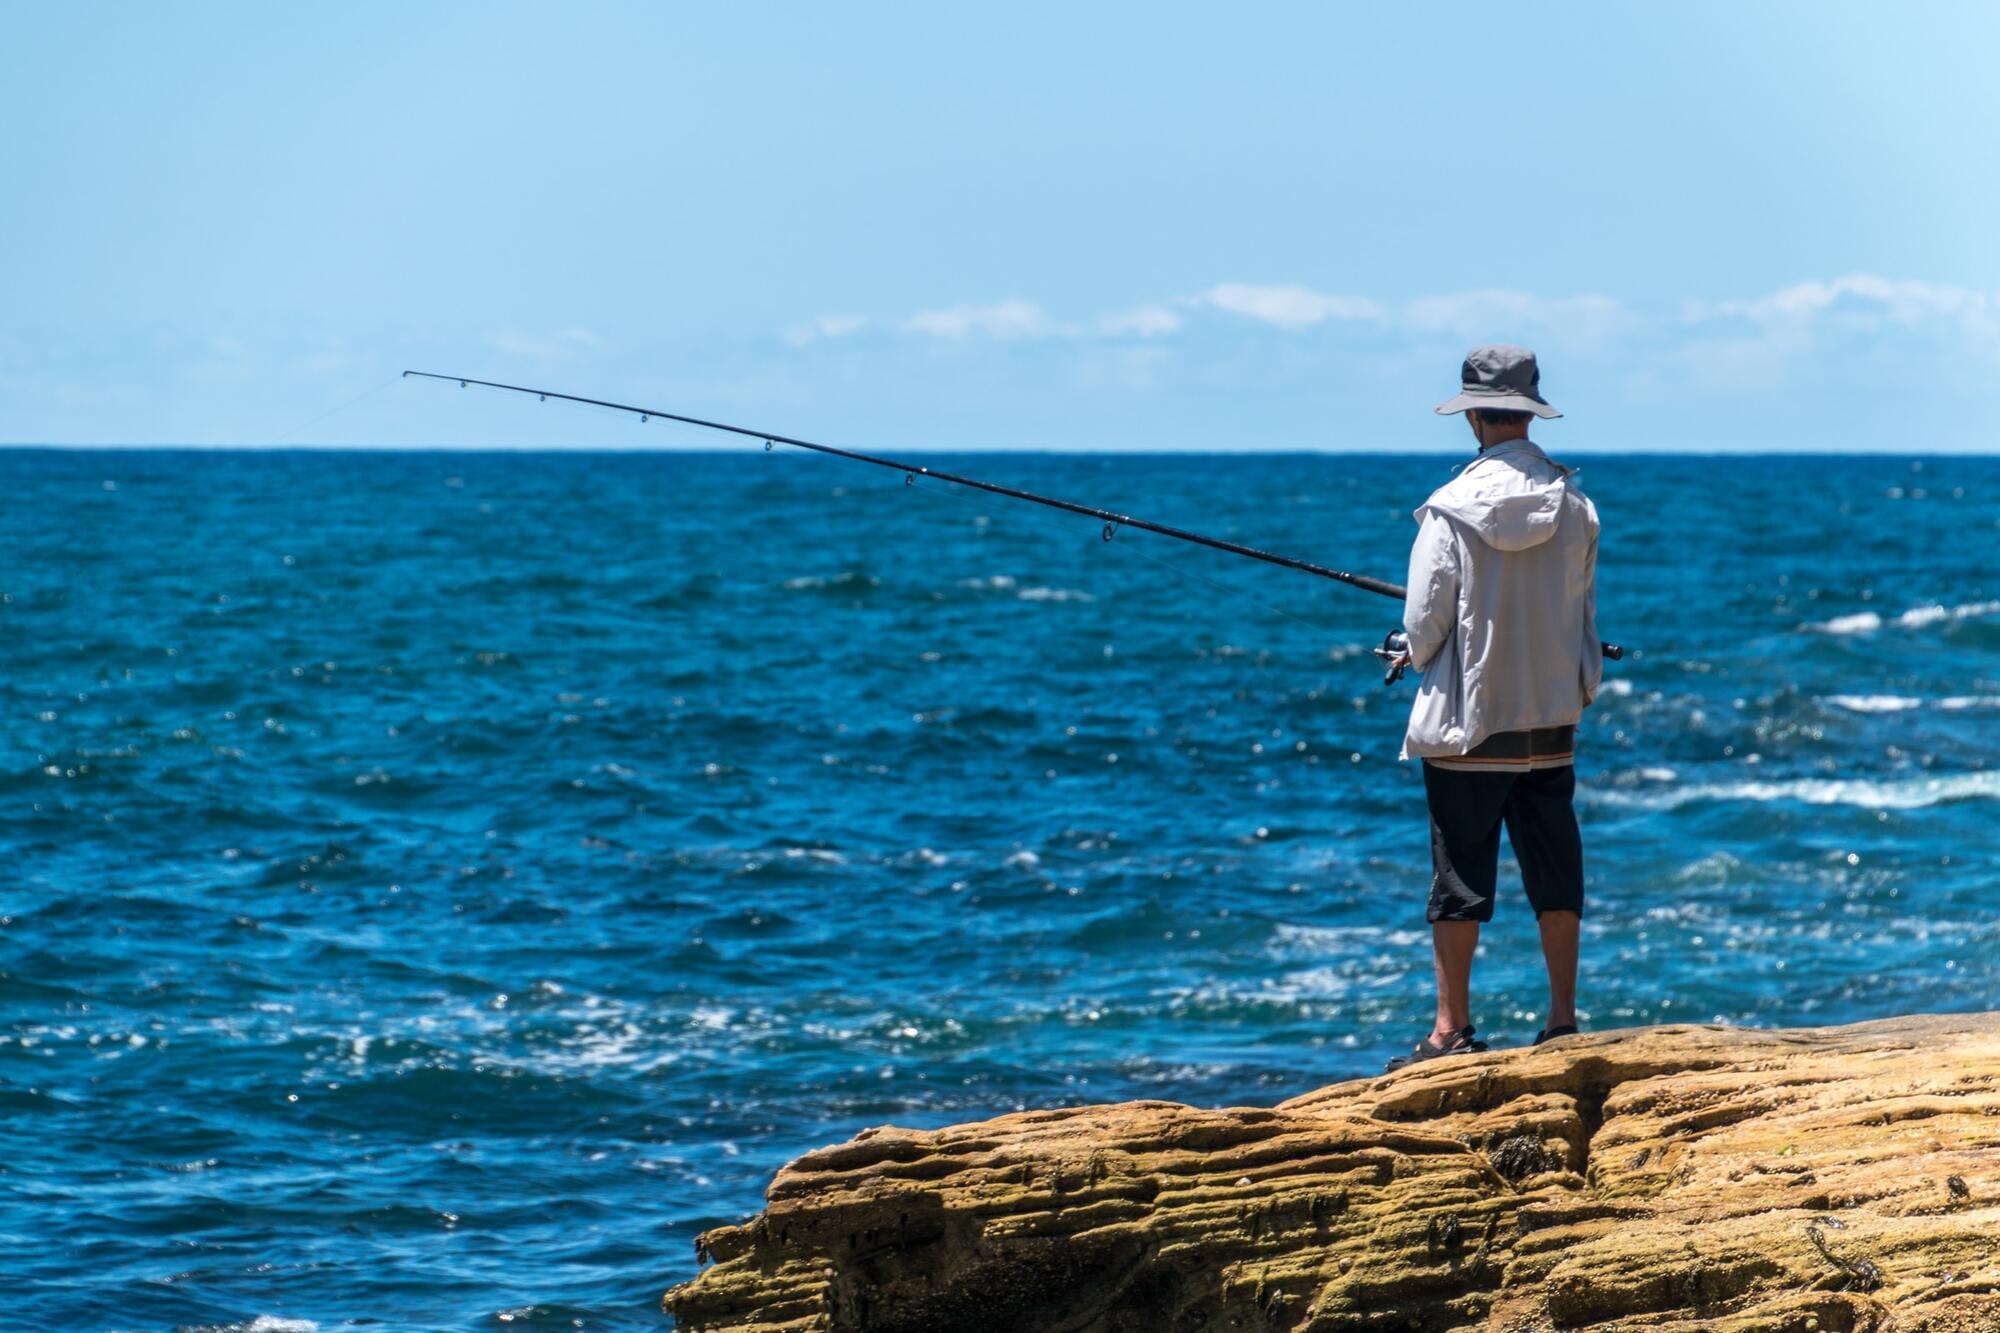 День рыбака в 2021 году в Украине отмечается 11 июля